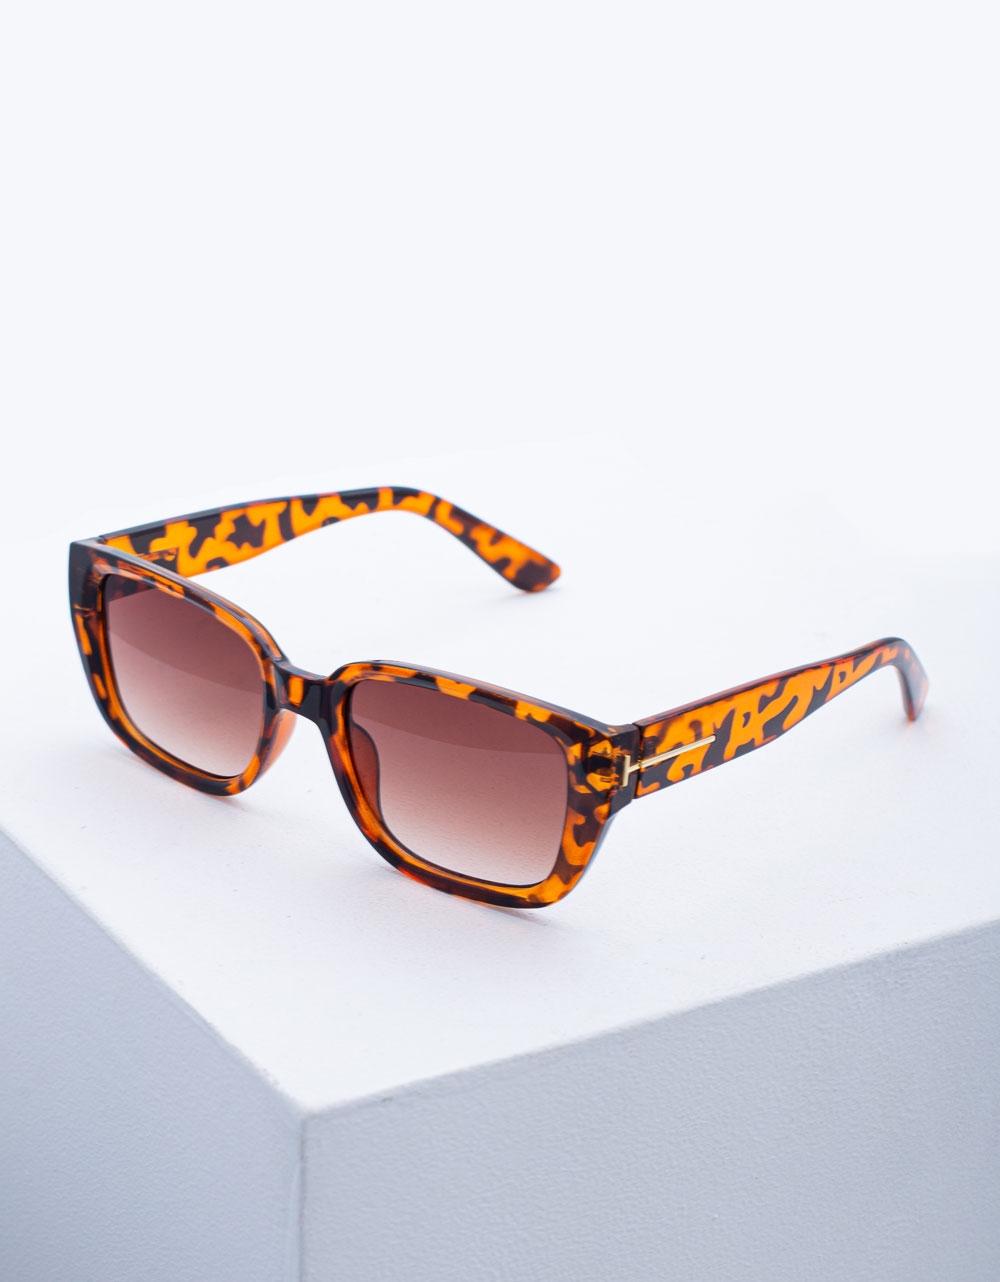 Εικόνα από Γυναικεία γυαλιά ηλίου σε τετράγωνο σχήμα Λεοπάρ